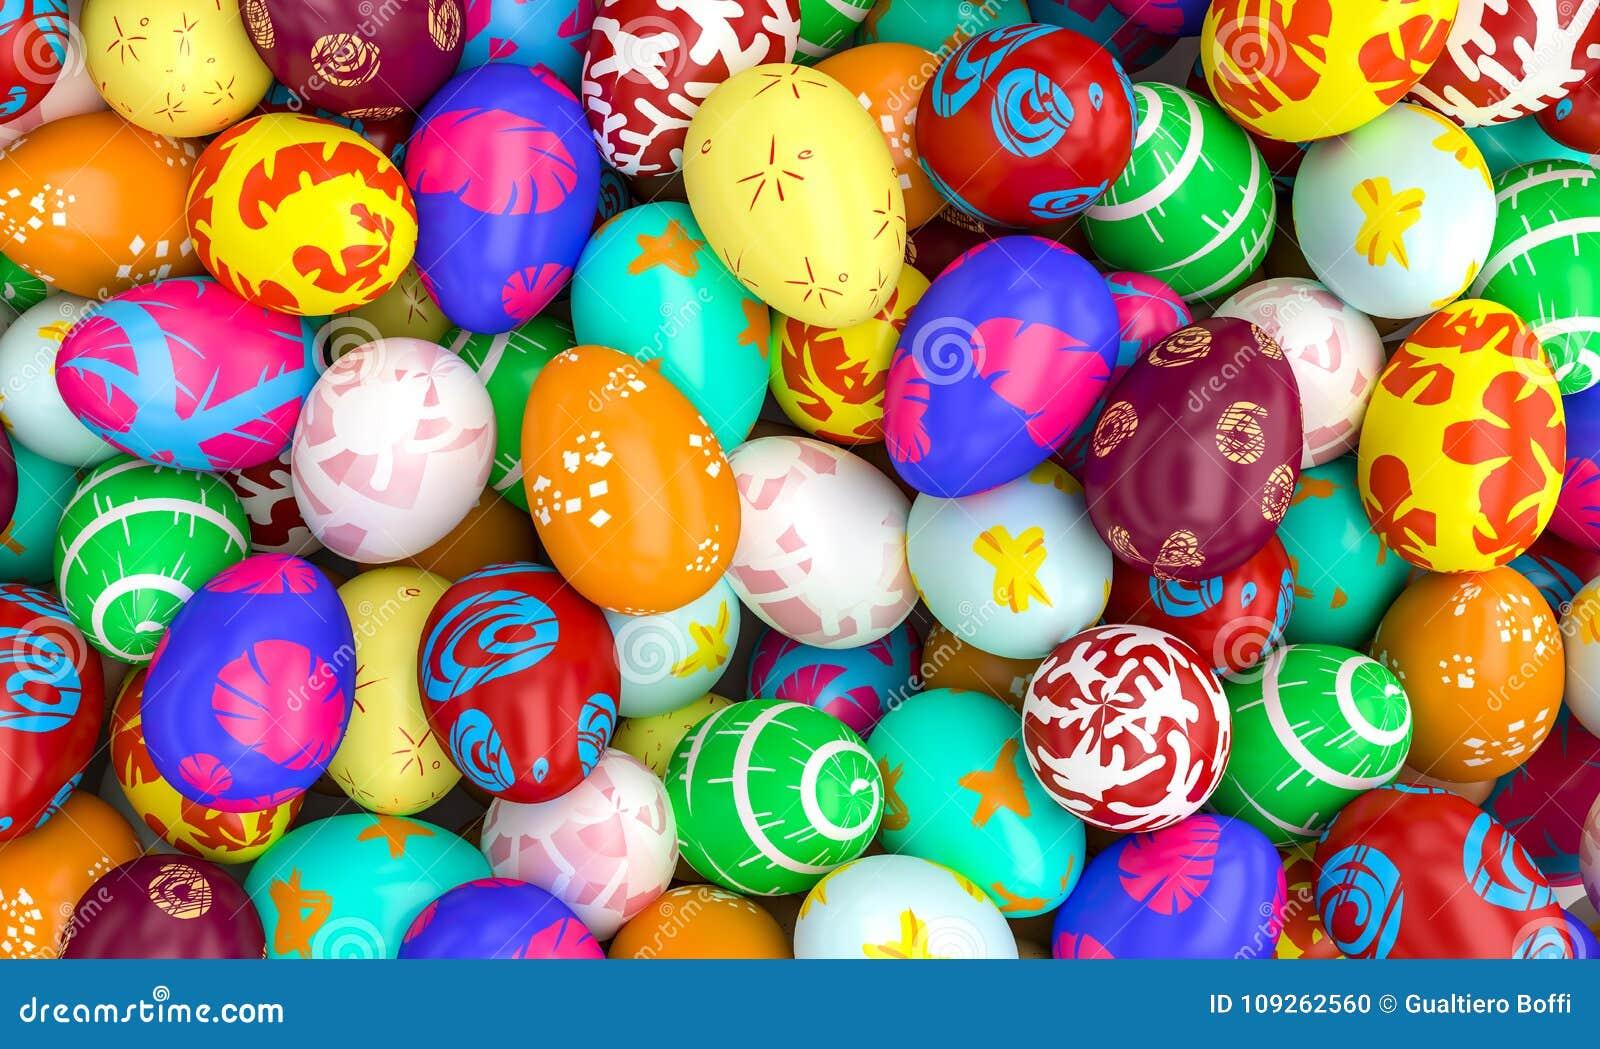 Artistic easter eggs